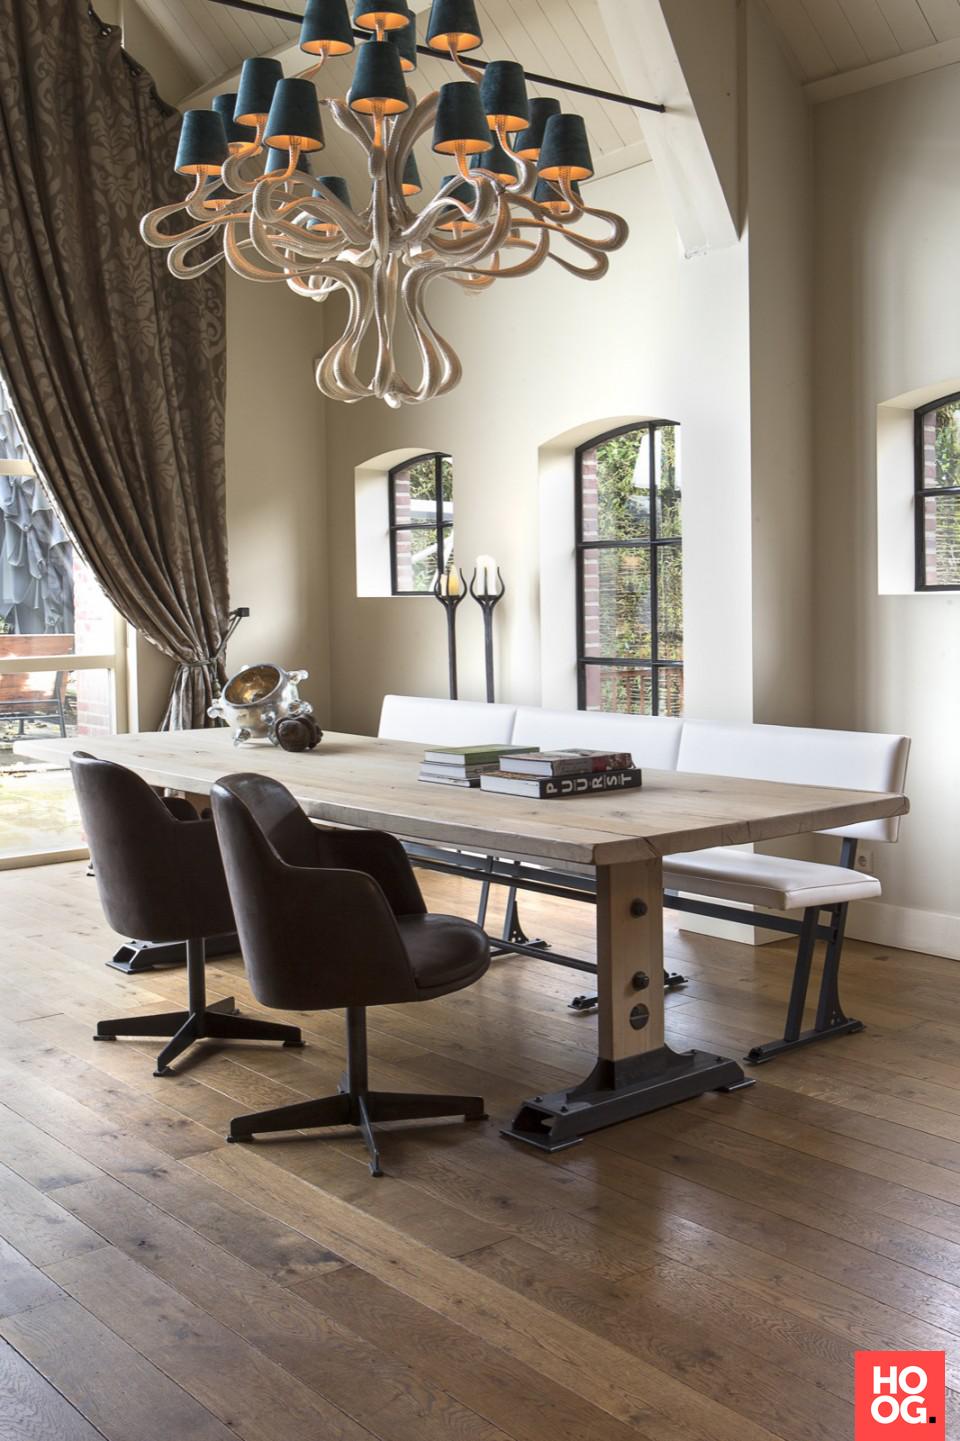 Houten eettafel met designstoelen en bank bij open haard | eetkamer ...